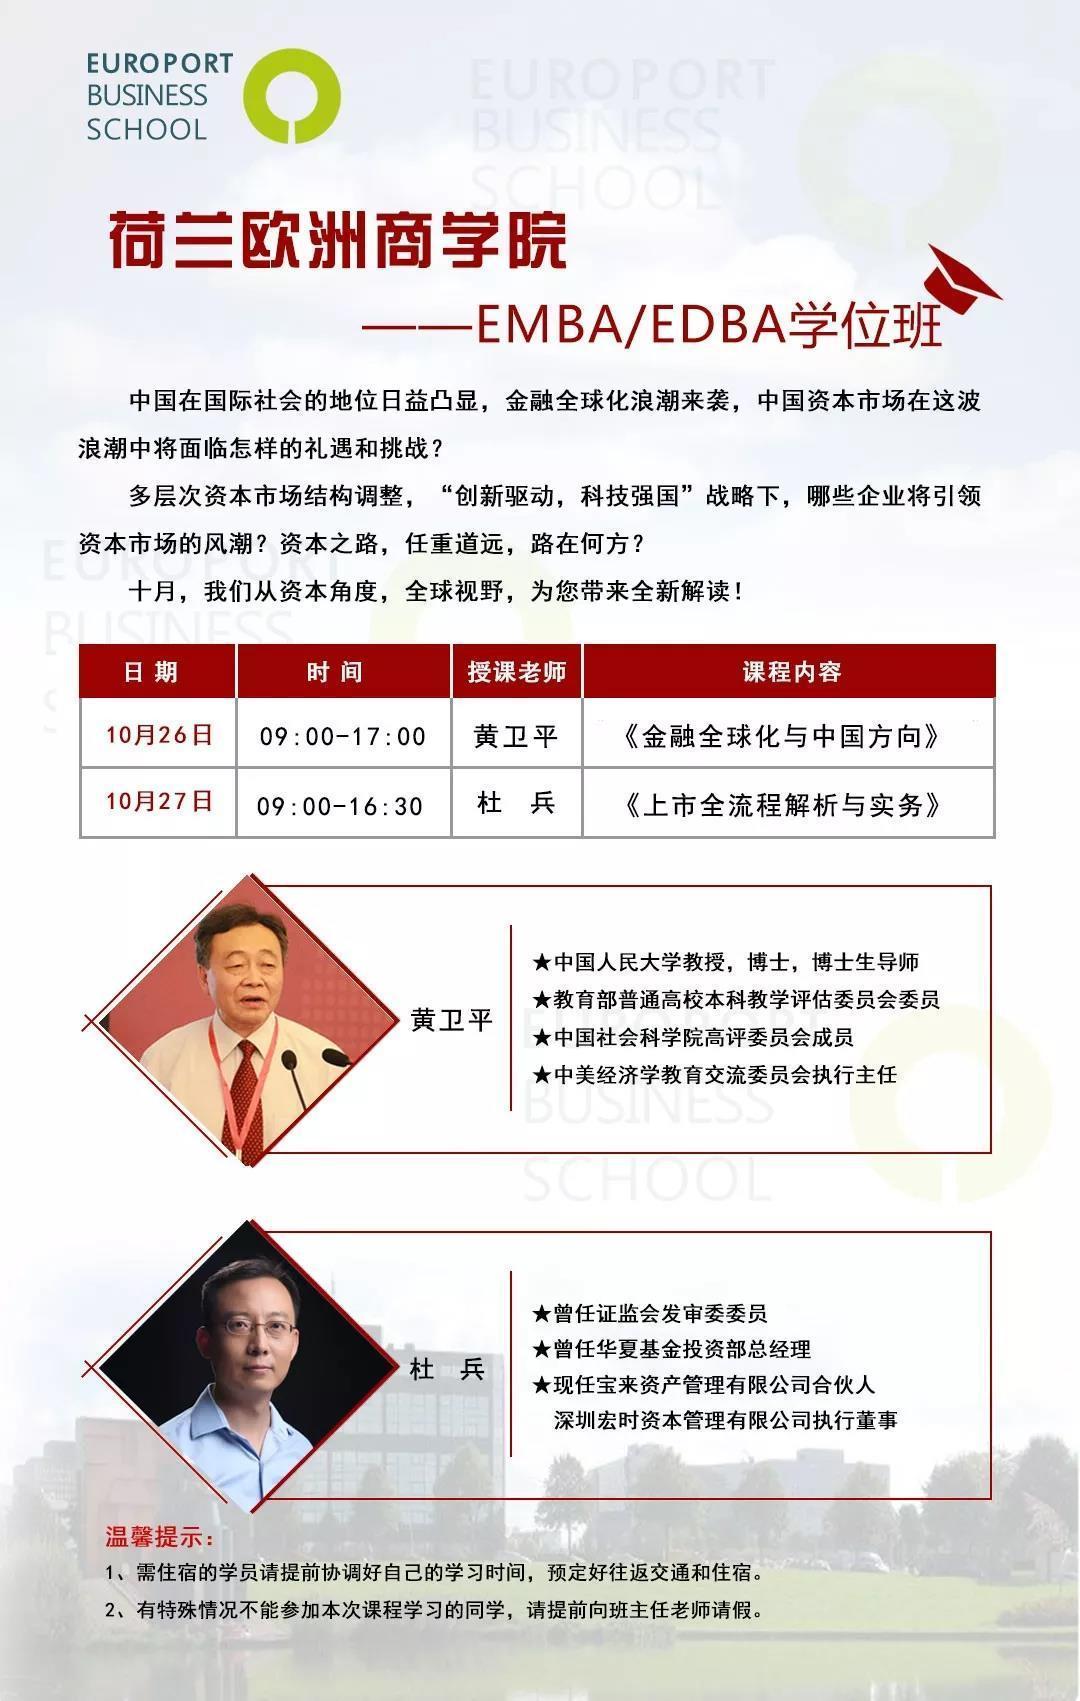 荷兰欧洲商学院EMBA/MBA开课通知